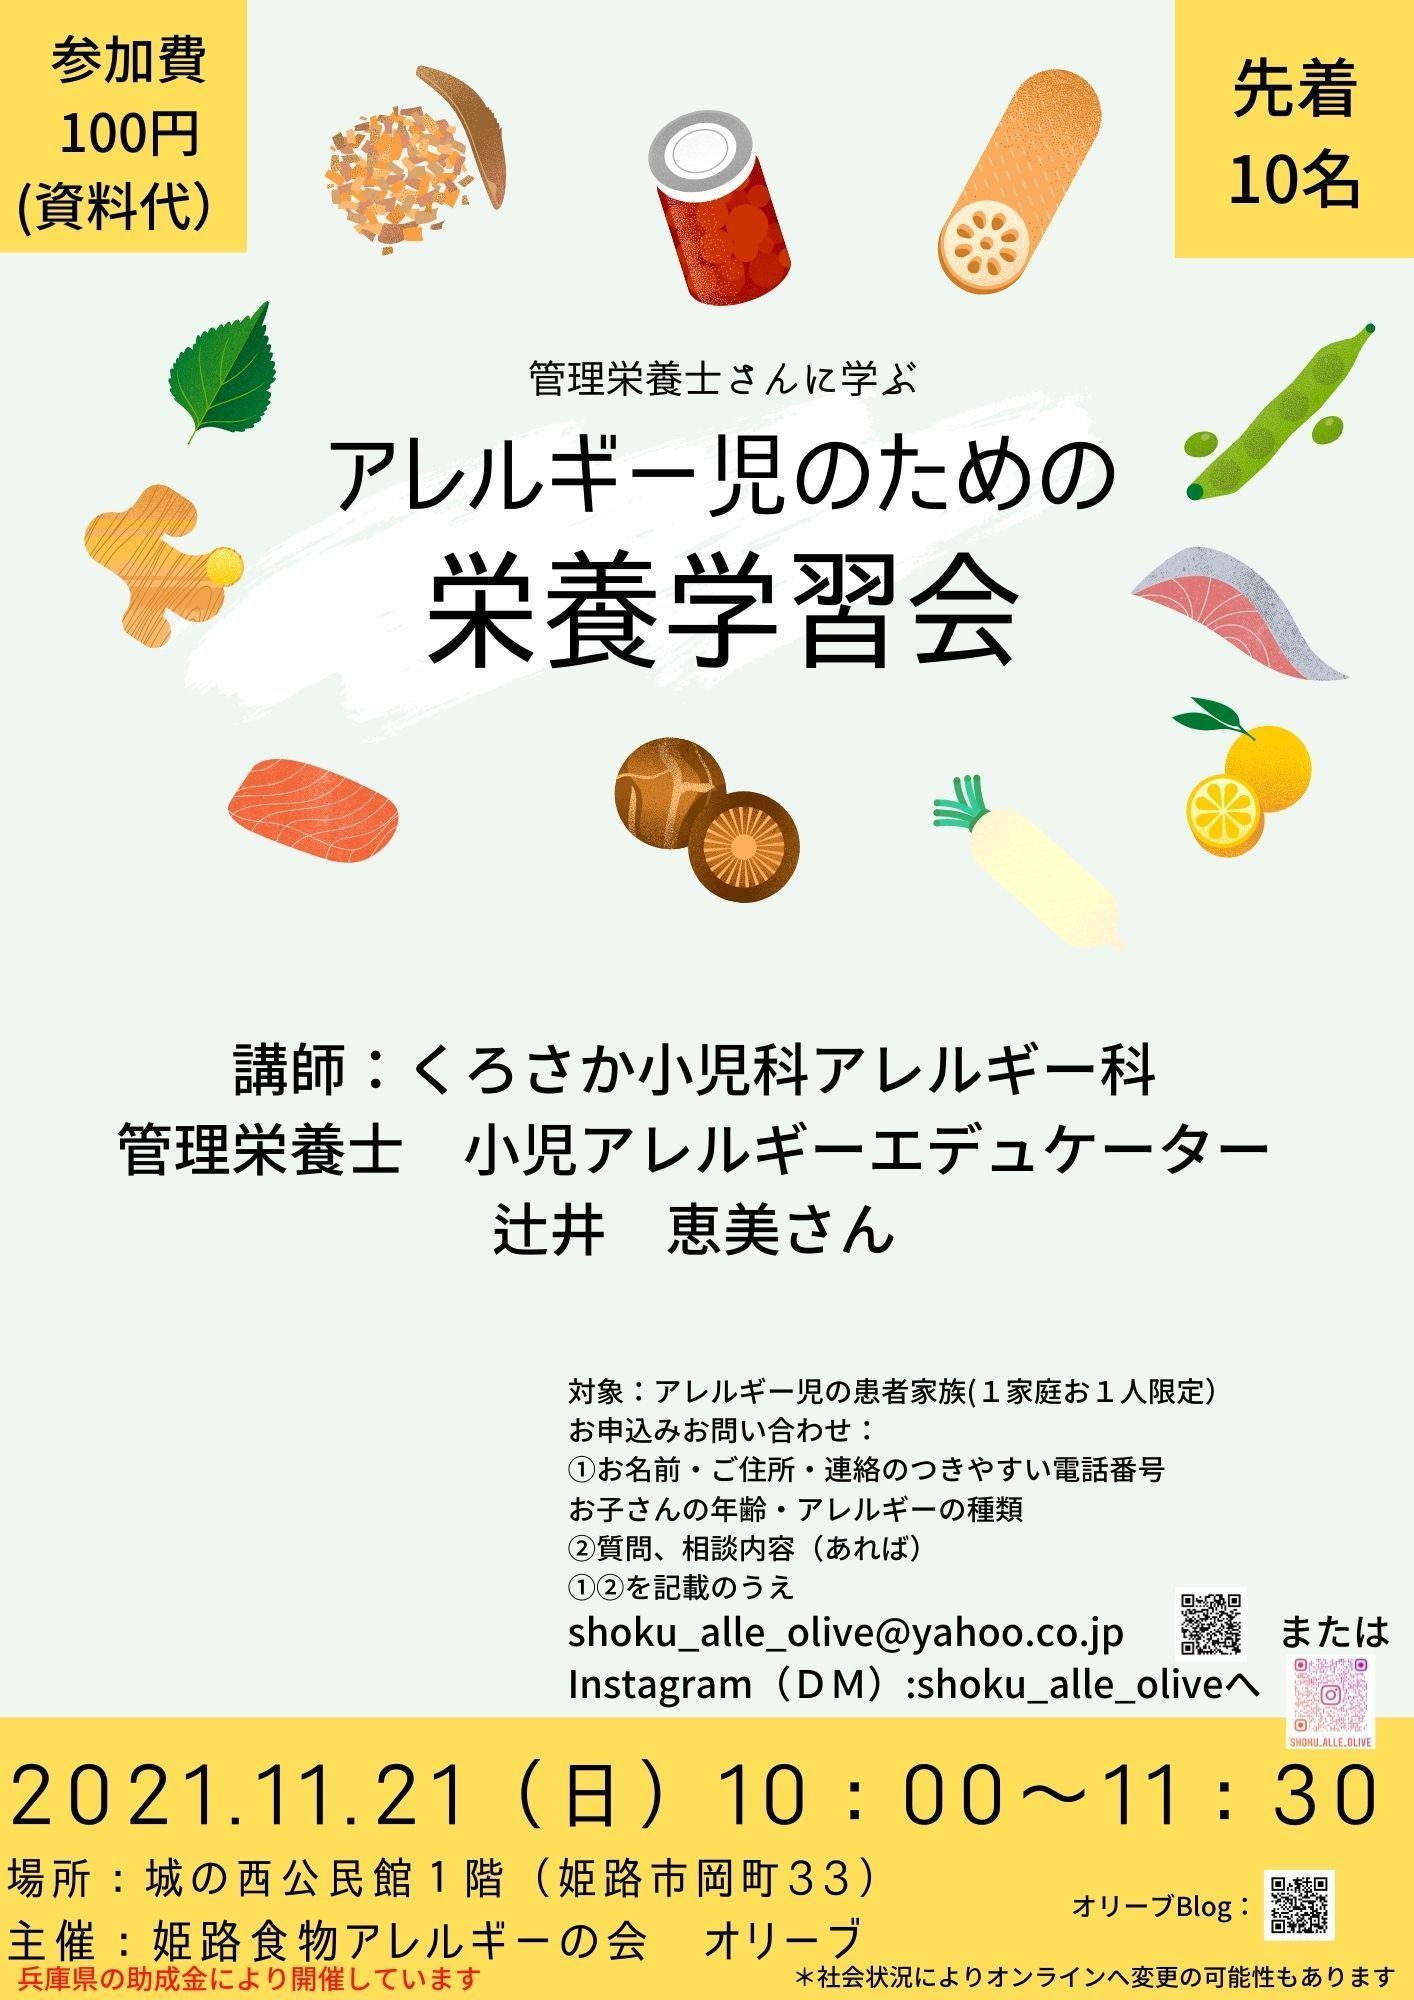 11/21辻井さん学習会ちらし (3)